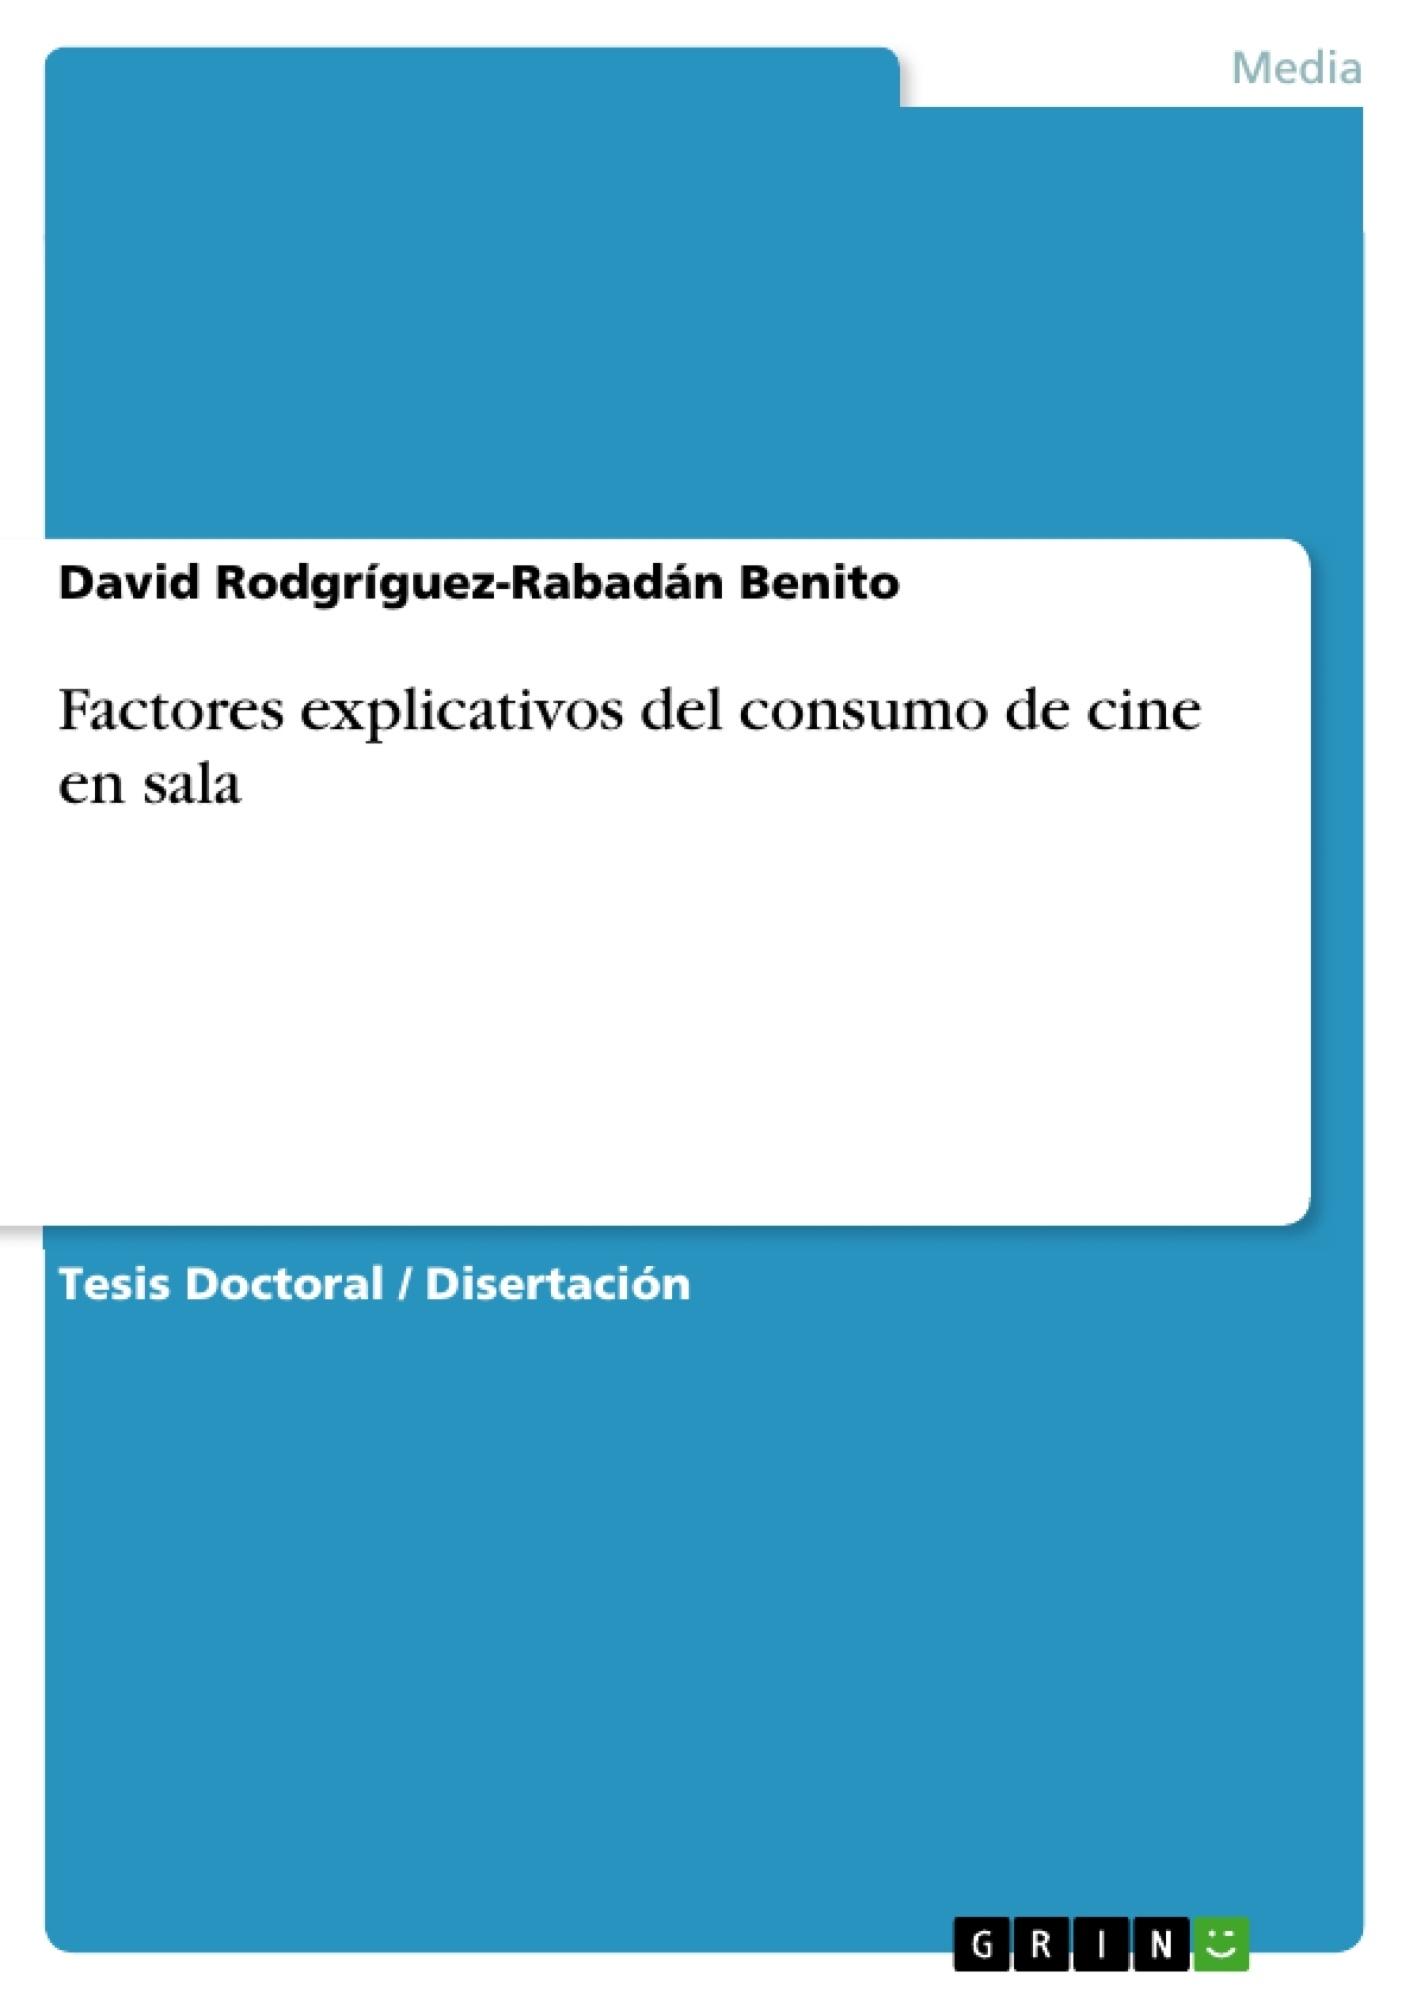 Título: Factores explicativos del consumo de cine en sala